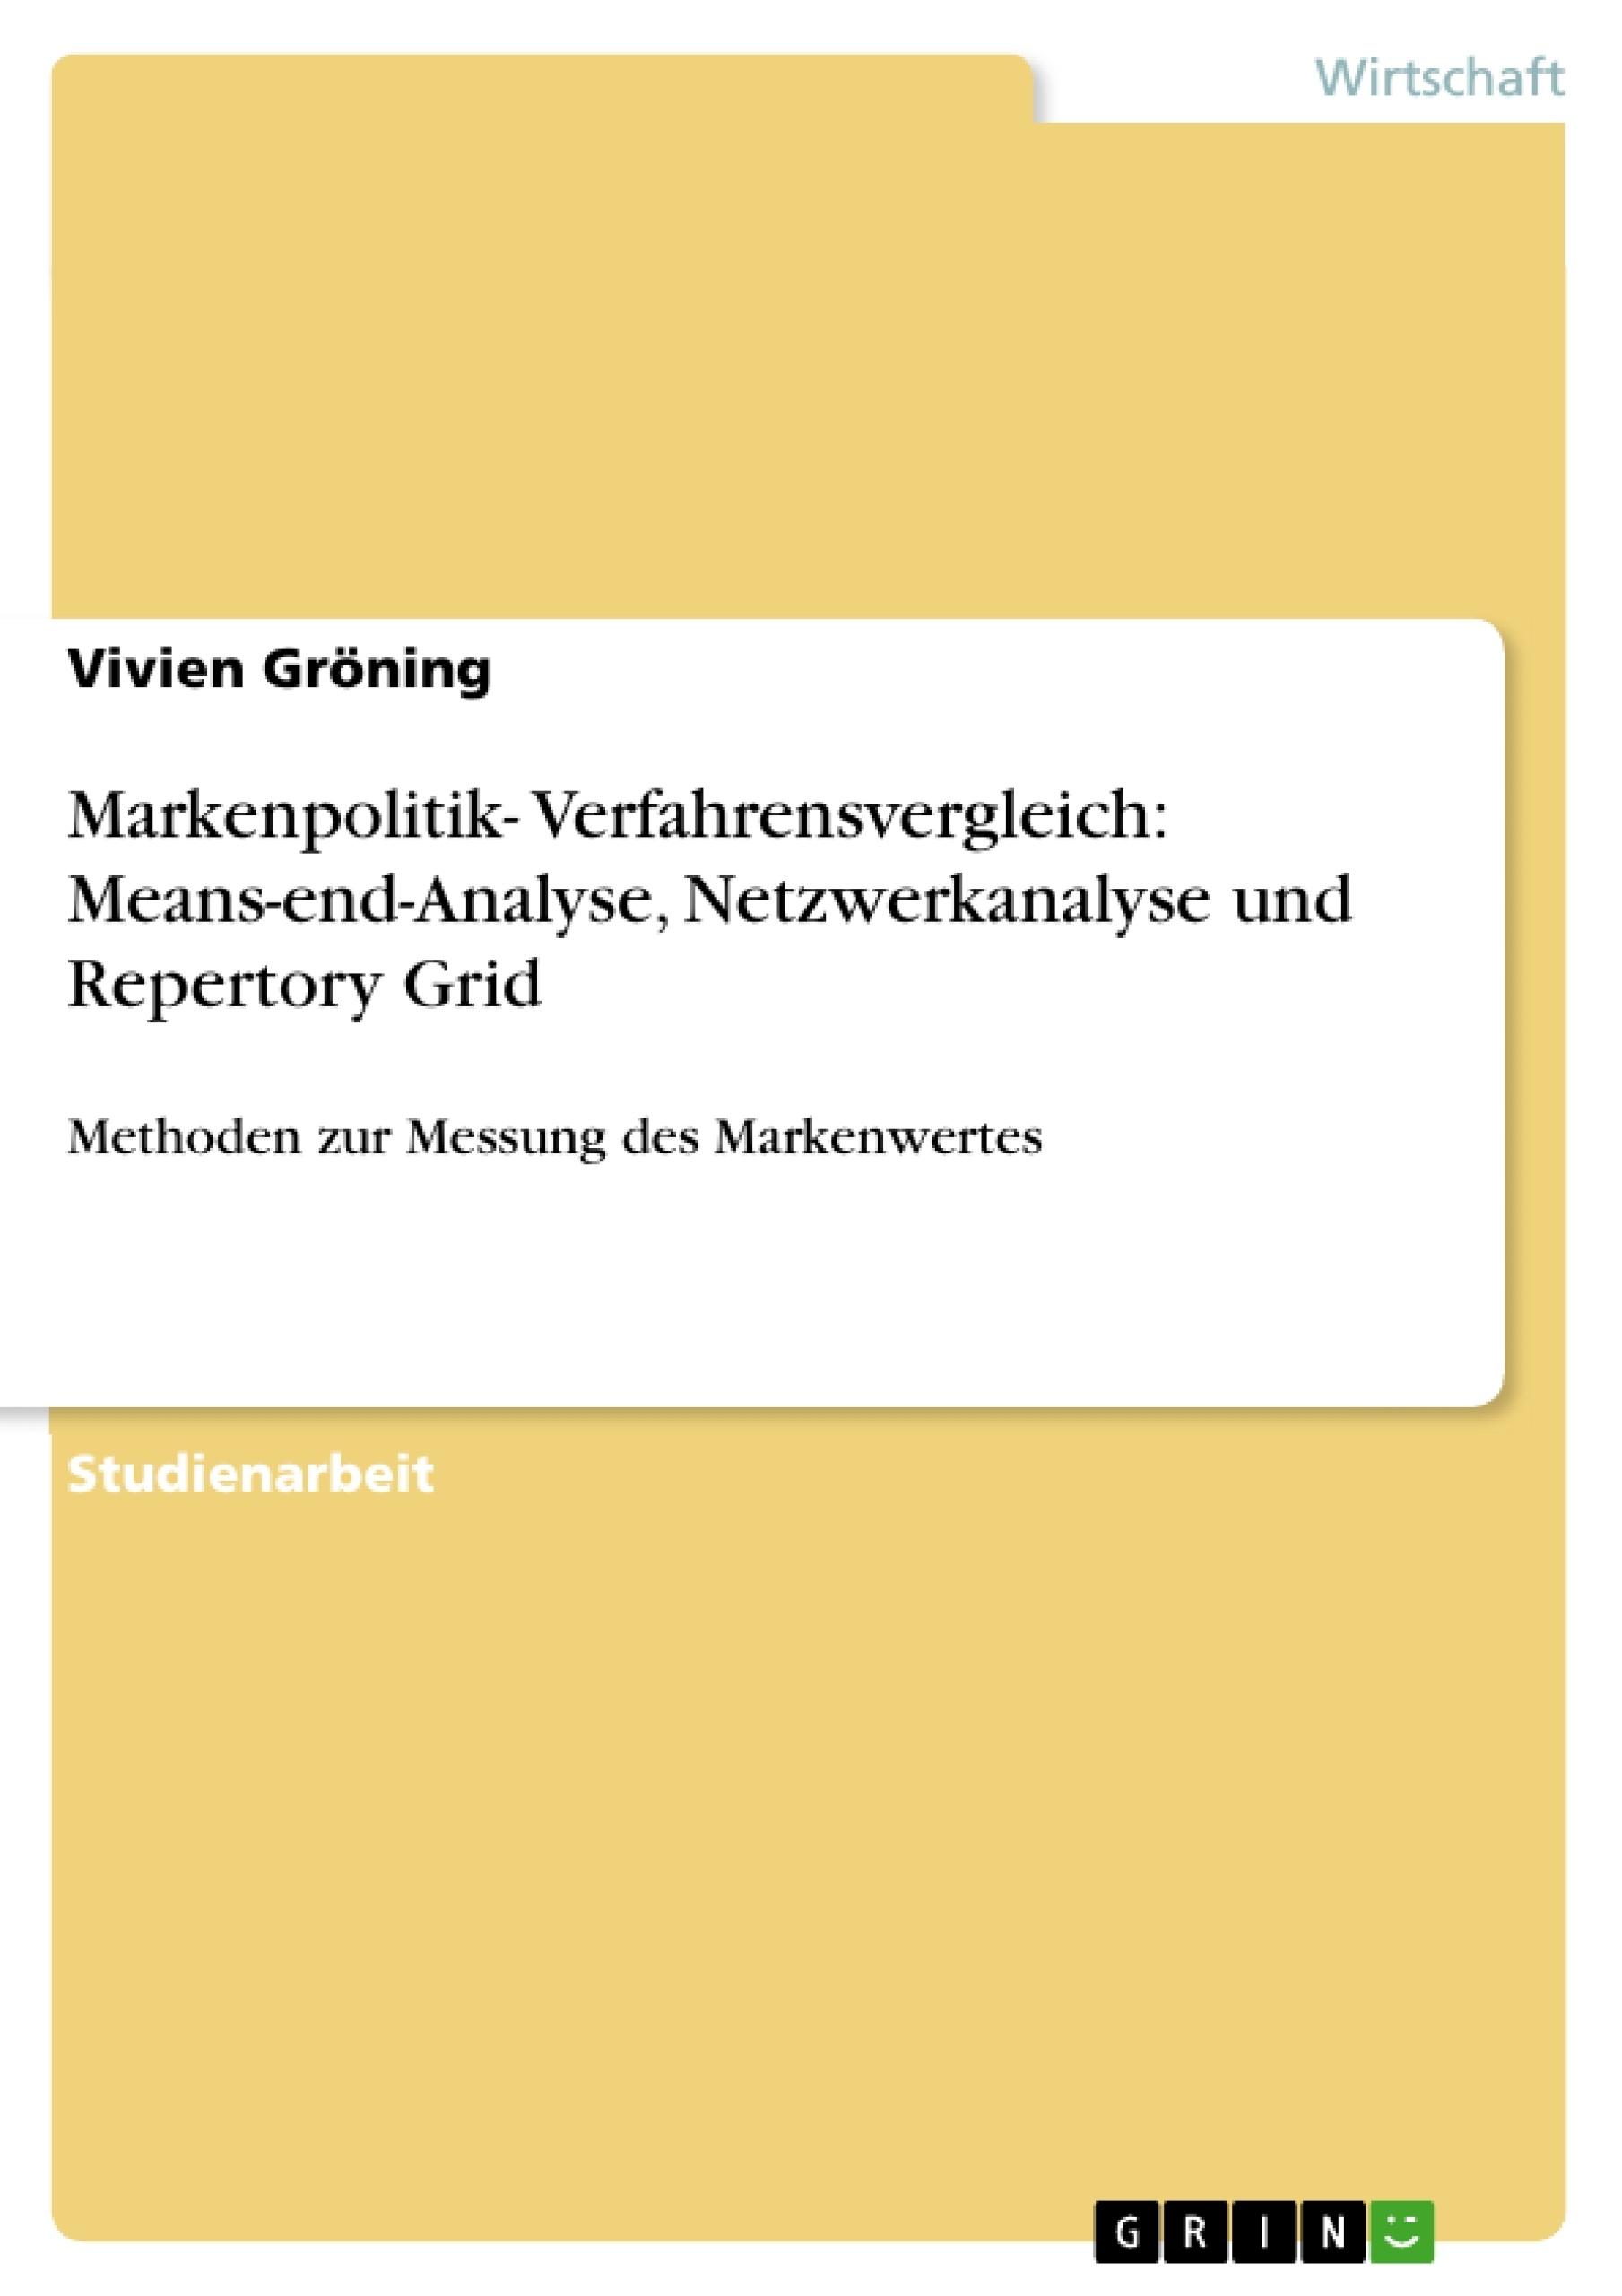 Titel: Markenpolitik- Verfahrensvergleich: Means-end-Analyse,  Netzwerkanalyse und Repertory Grid